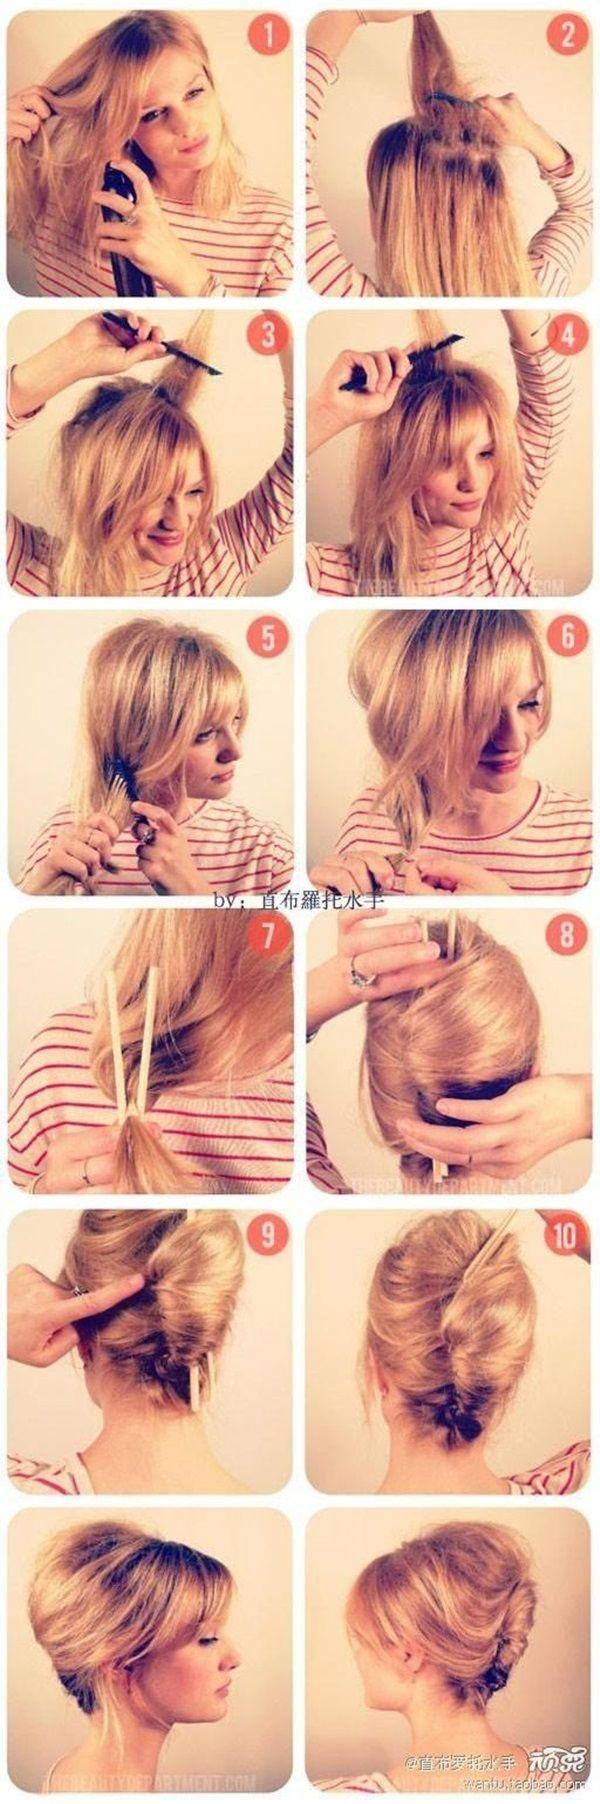 8 Besten Businessfrisur Bilder Auf Pinterest Haarknoten Frisur